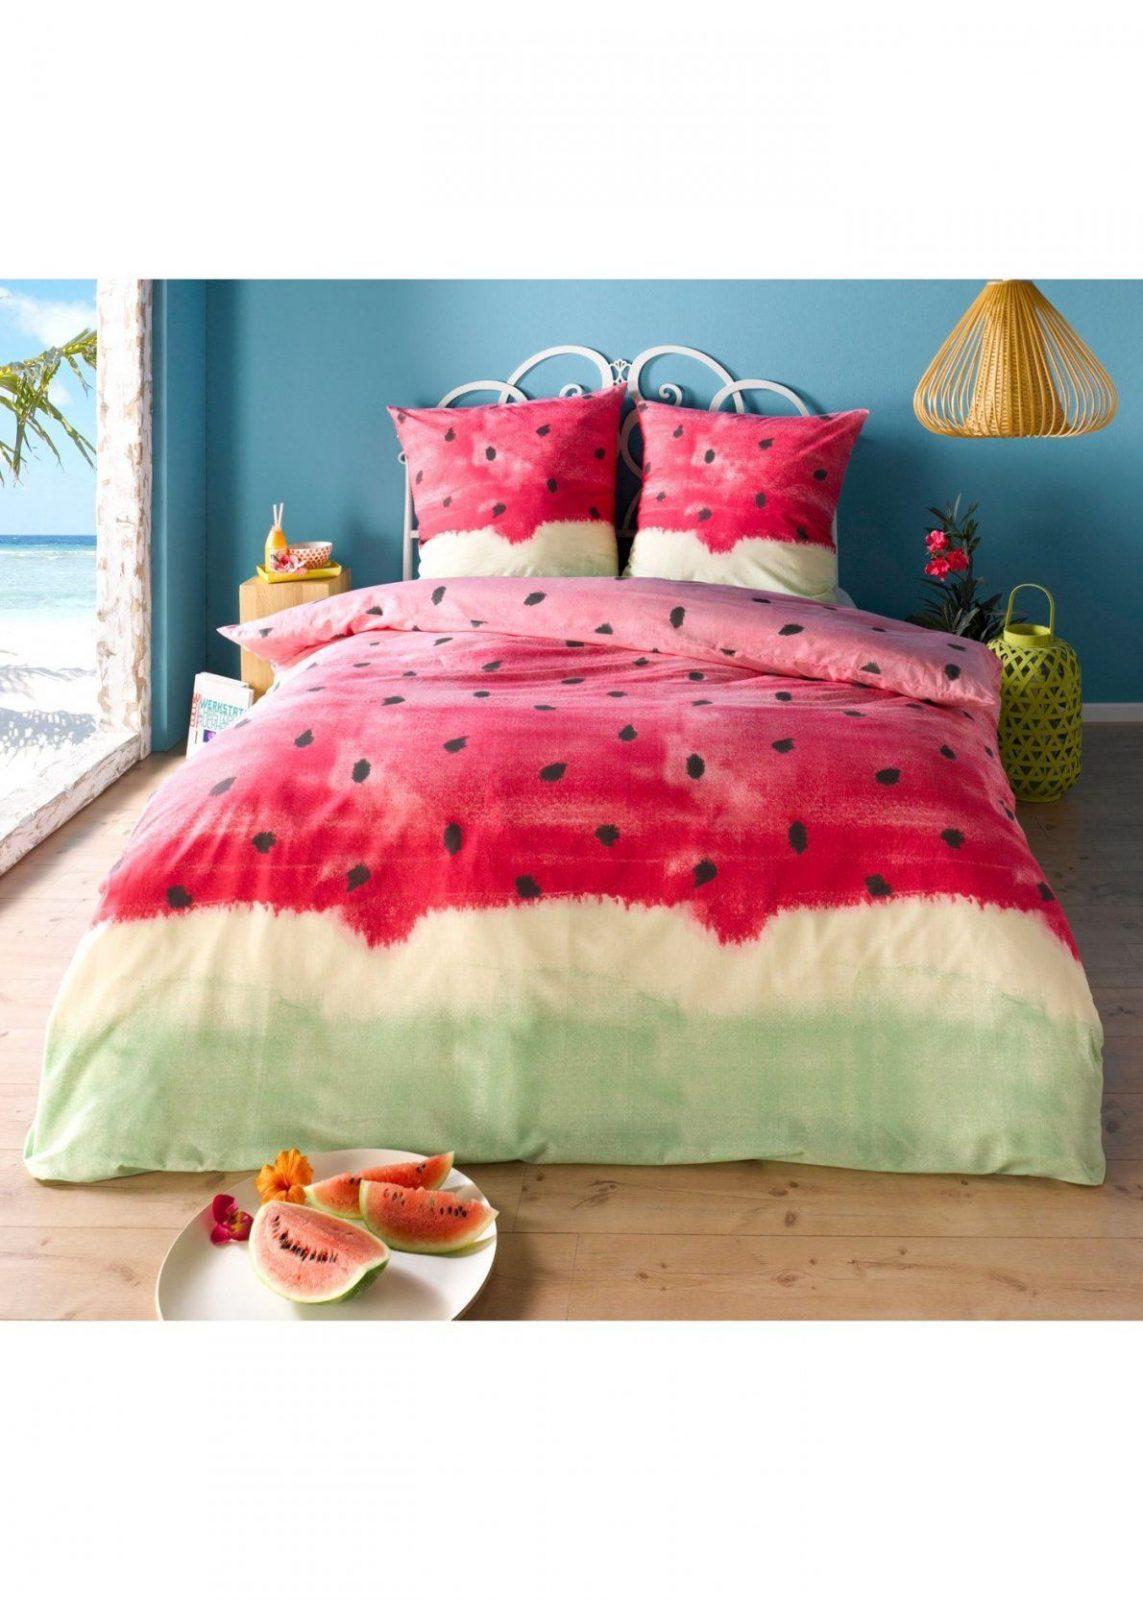 Die Bettwäsche  Melonen Bettbezug Und Bettwaesche von Bettwäsche Selbst Gestalten Günstig Bild